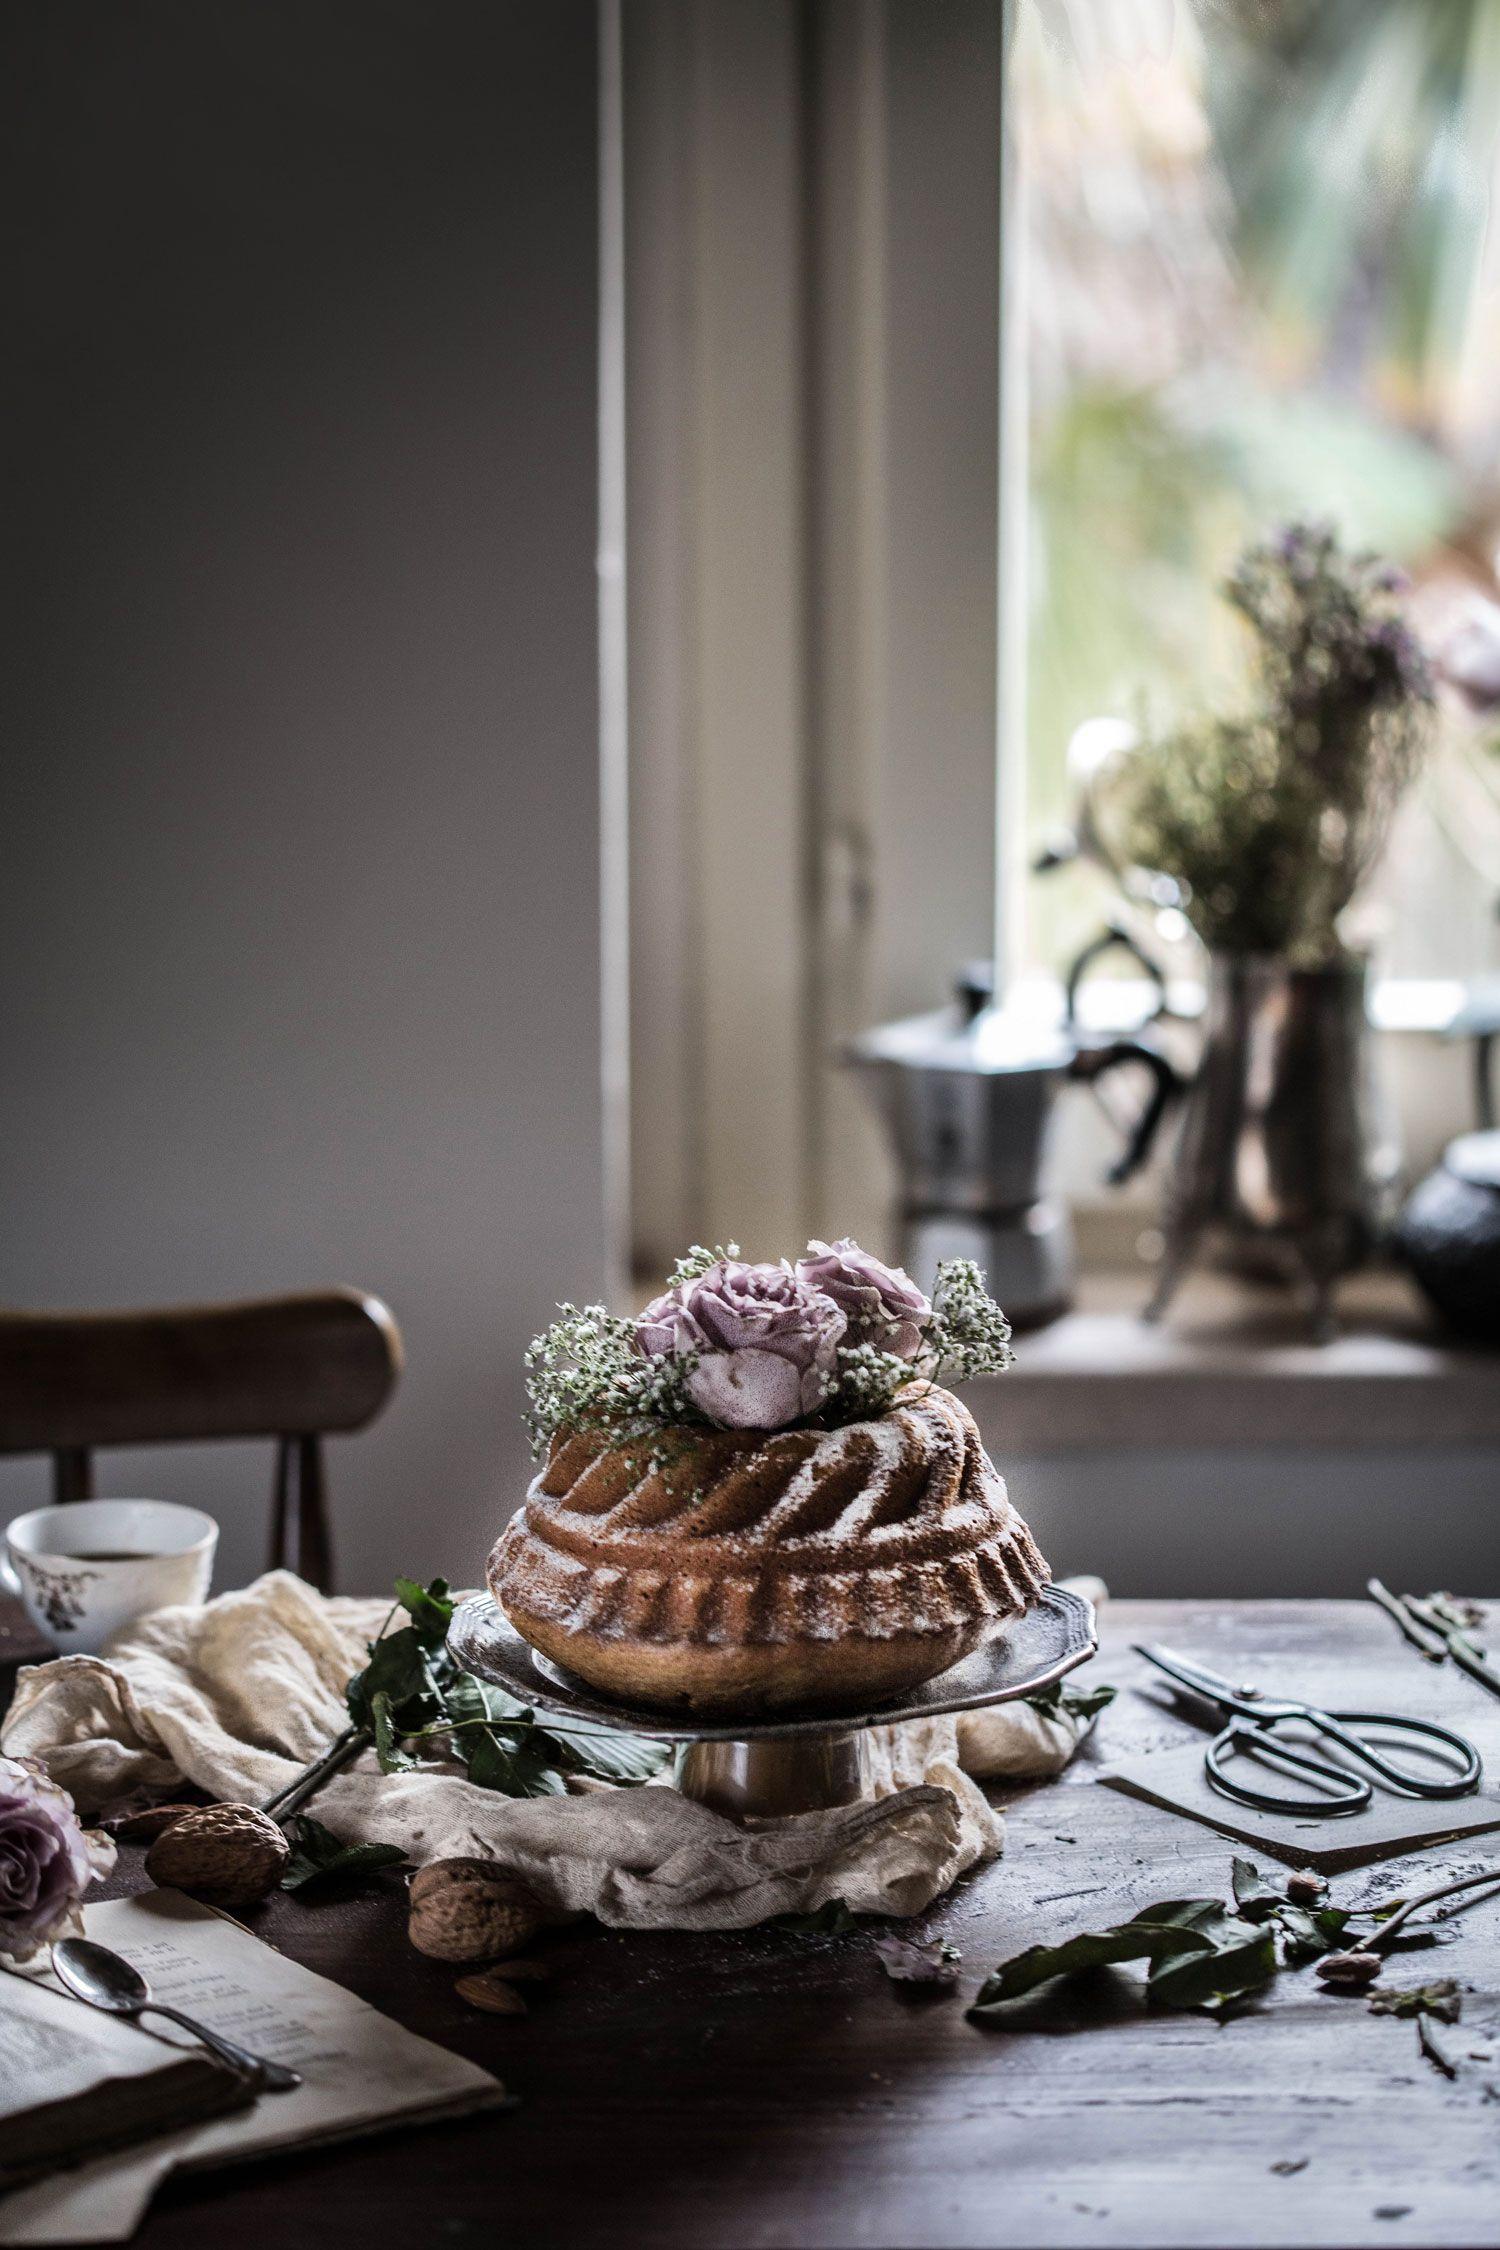 Irene Berni's Lemon Cake | Hortus Natural Cooking